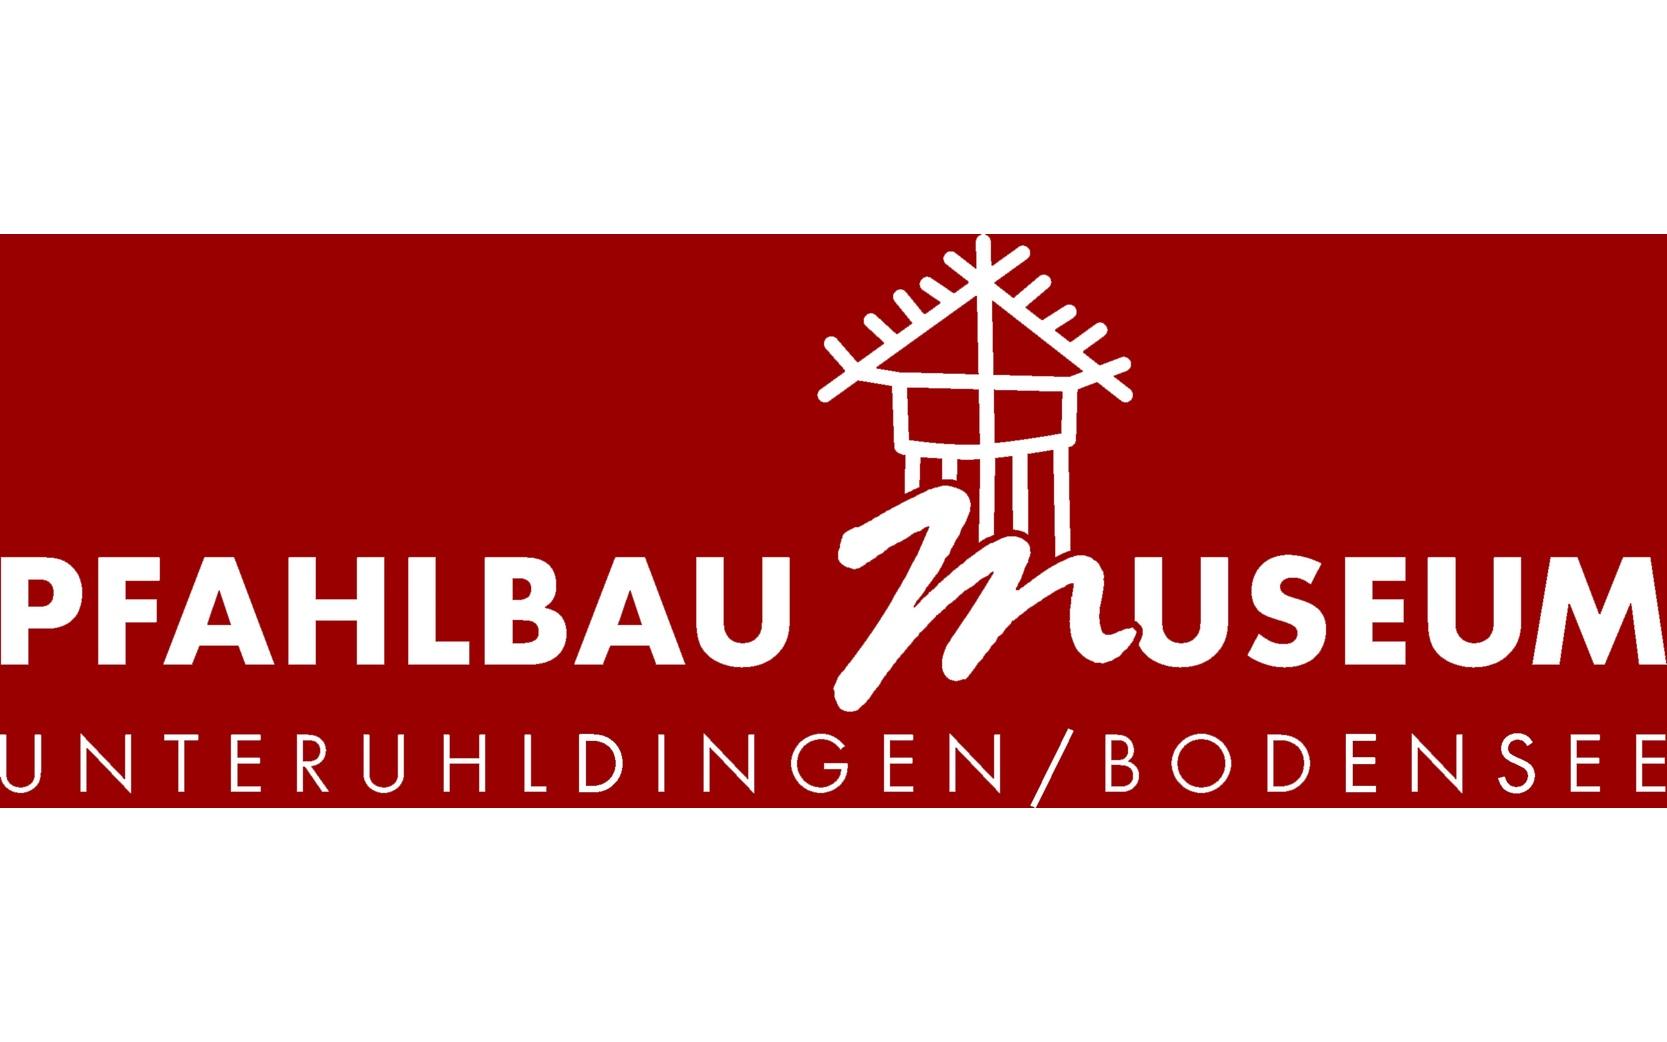 Pfahlbau-Museum